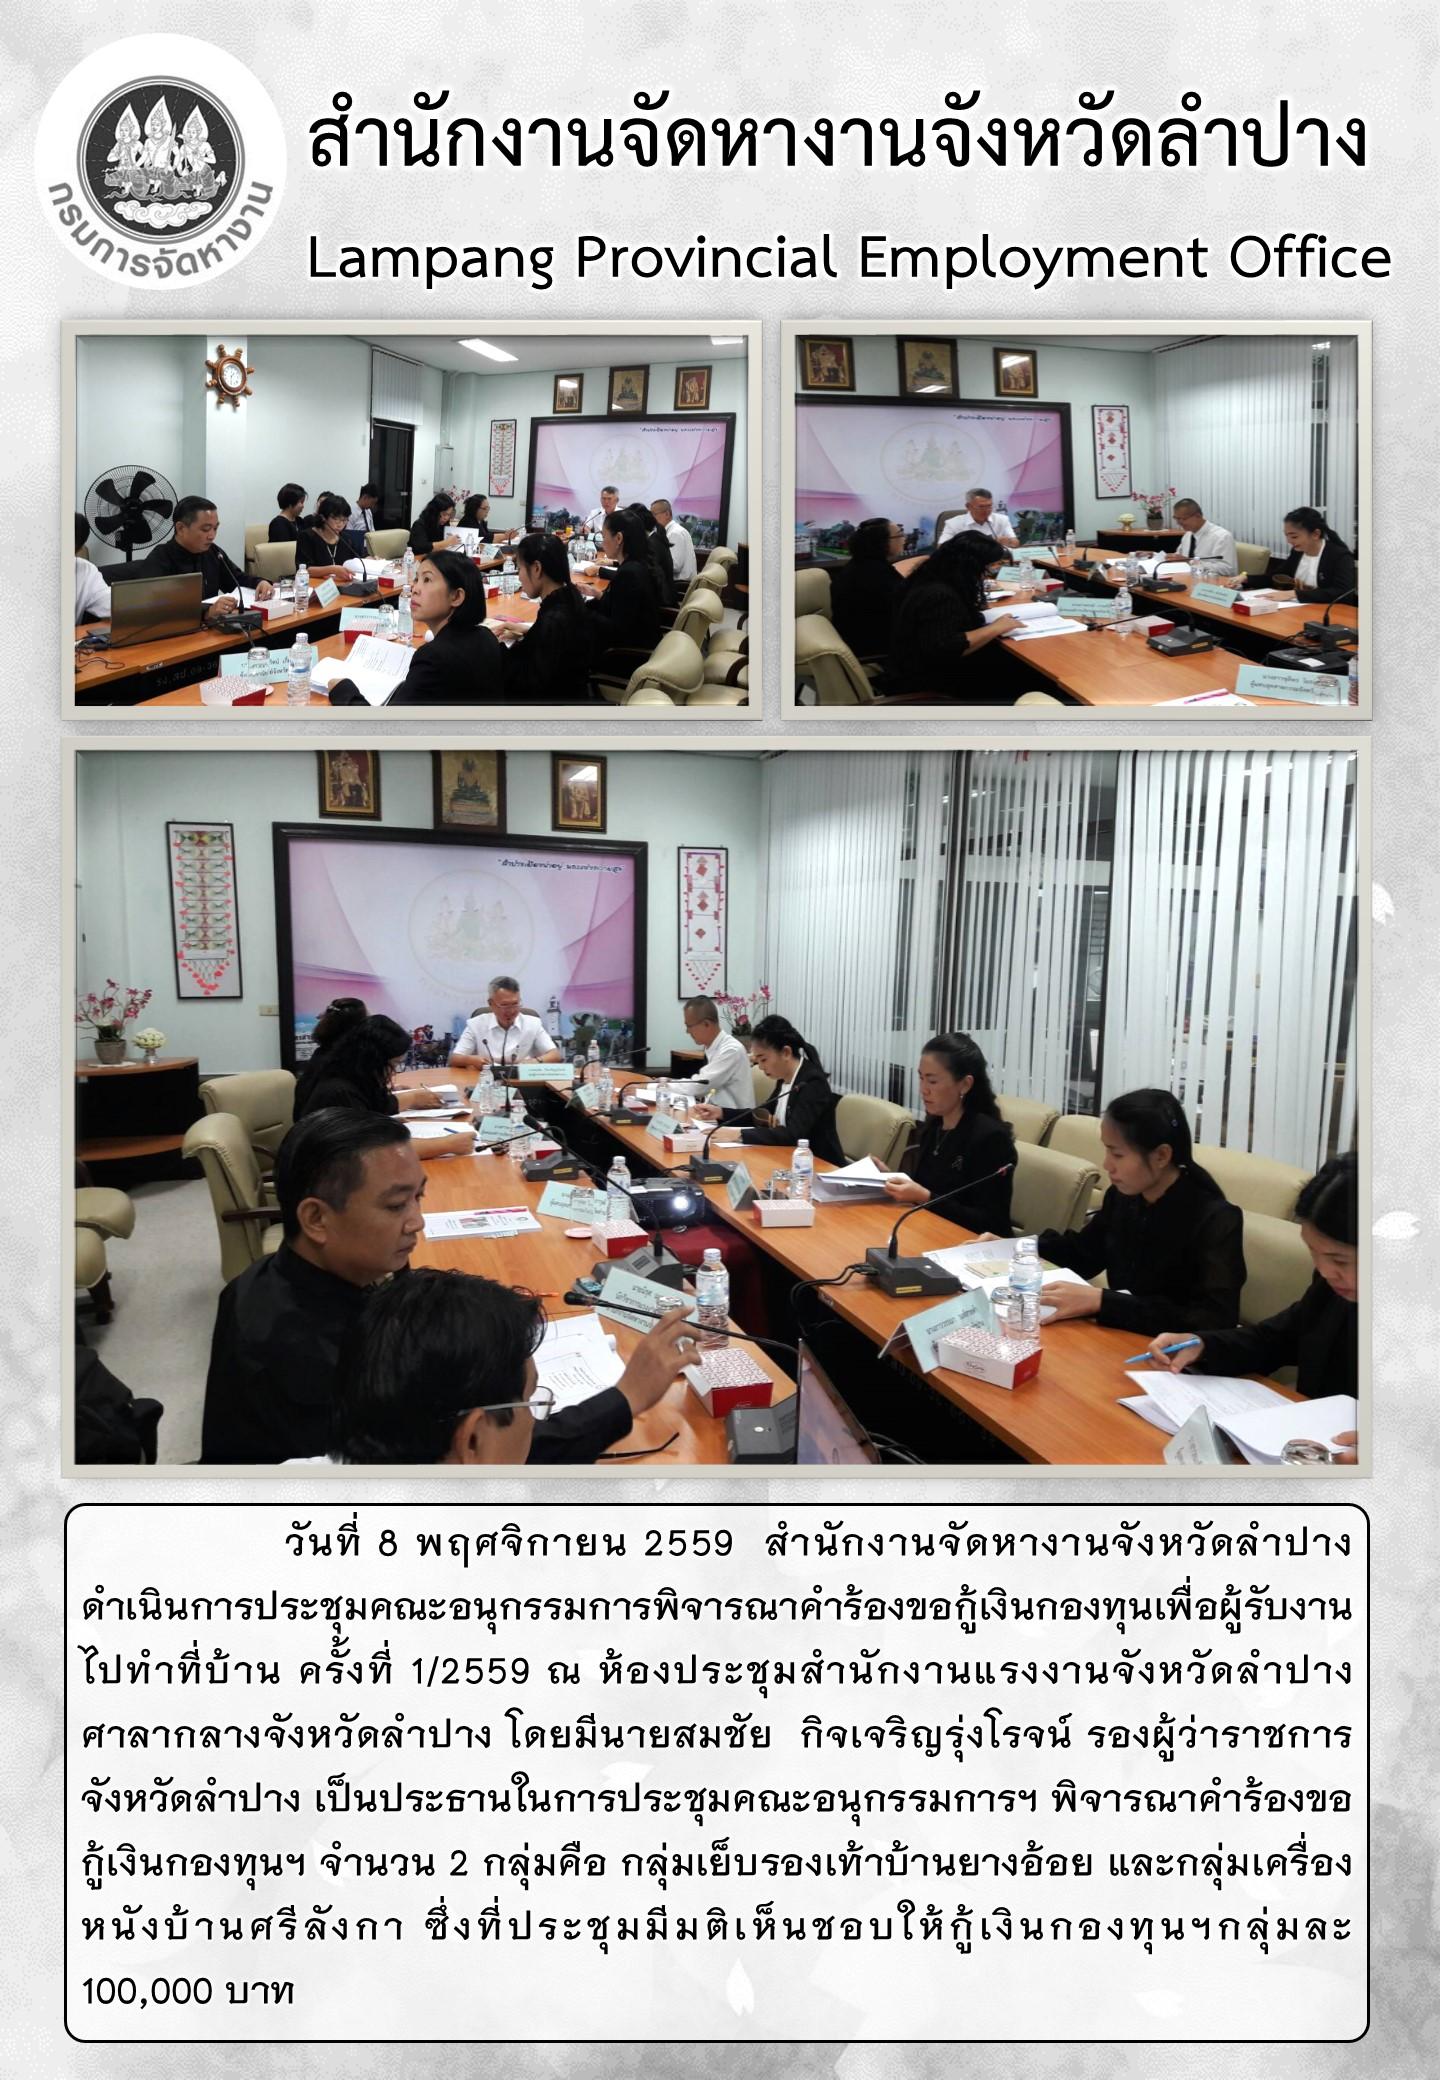 ประชุมคณะอนุกรรมการพิจารณาคำร้องขอกู้เงินกองทุนเพื่อผู้รับงานไปทำที่บ้าน ครั้งที่ 1/2559